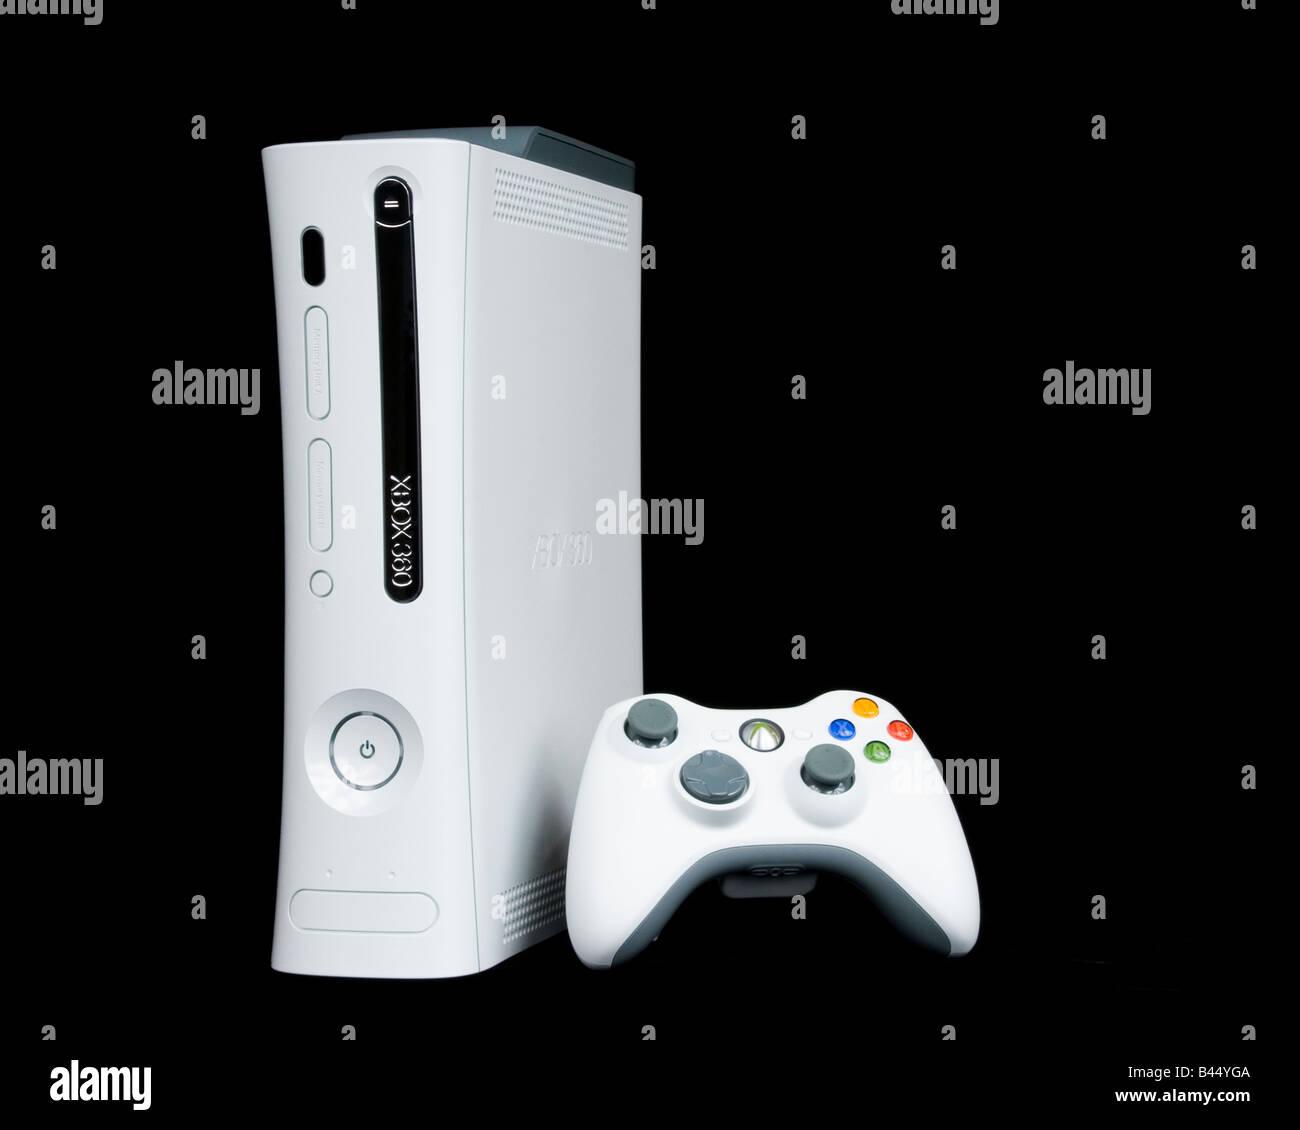 Jeux vidéo, Xbox 360 Controller par Microsoft sur un fond noir. Photo Stock